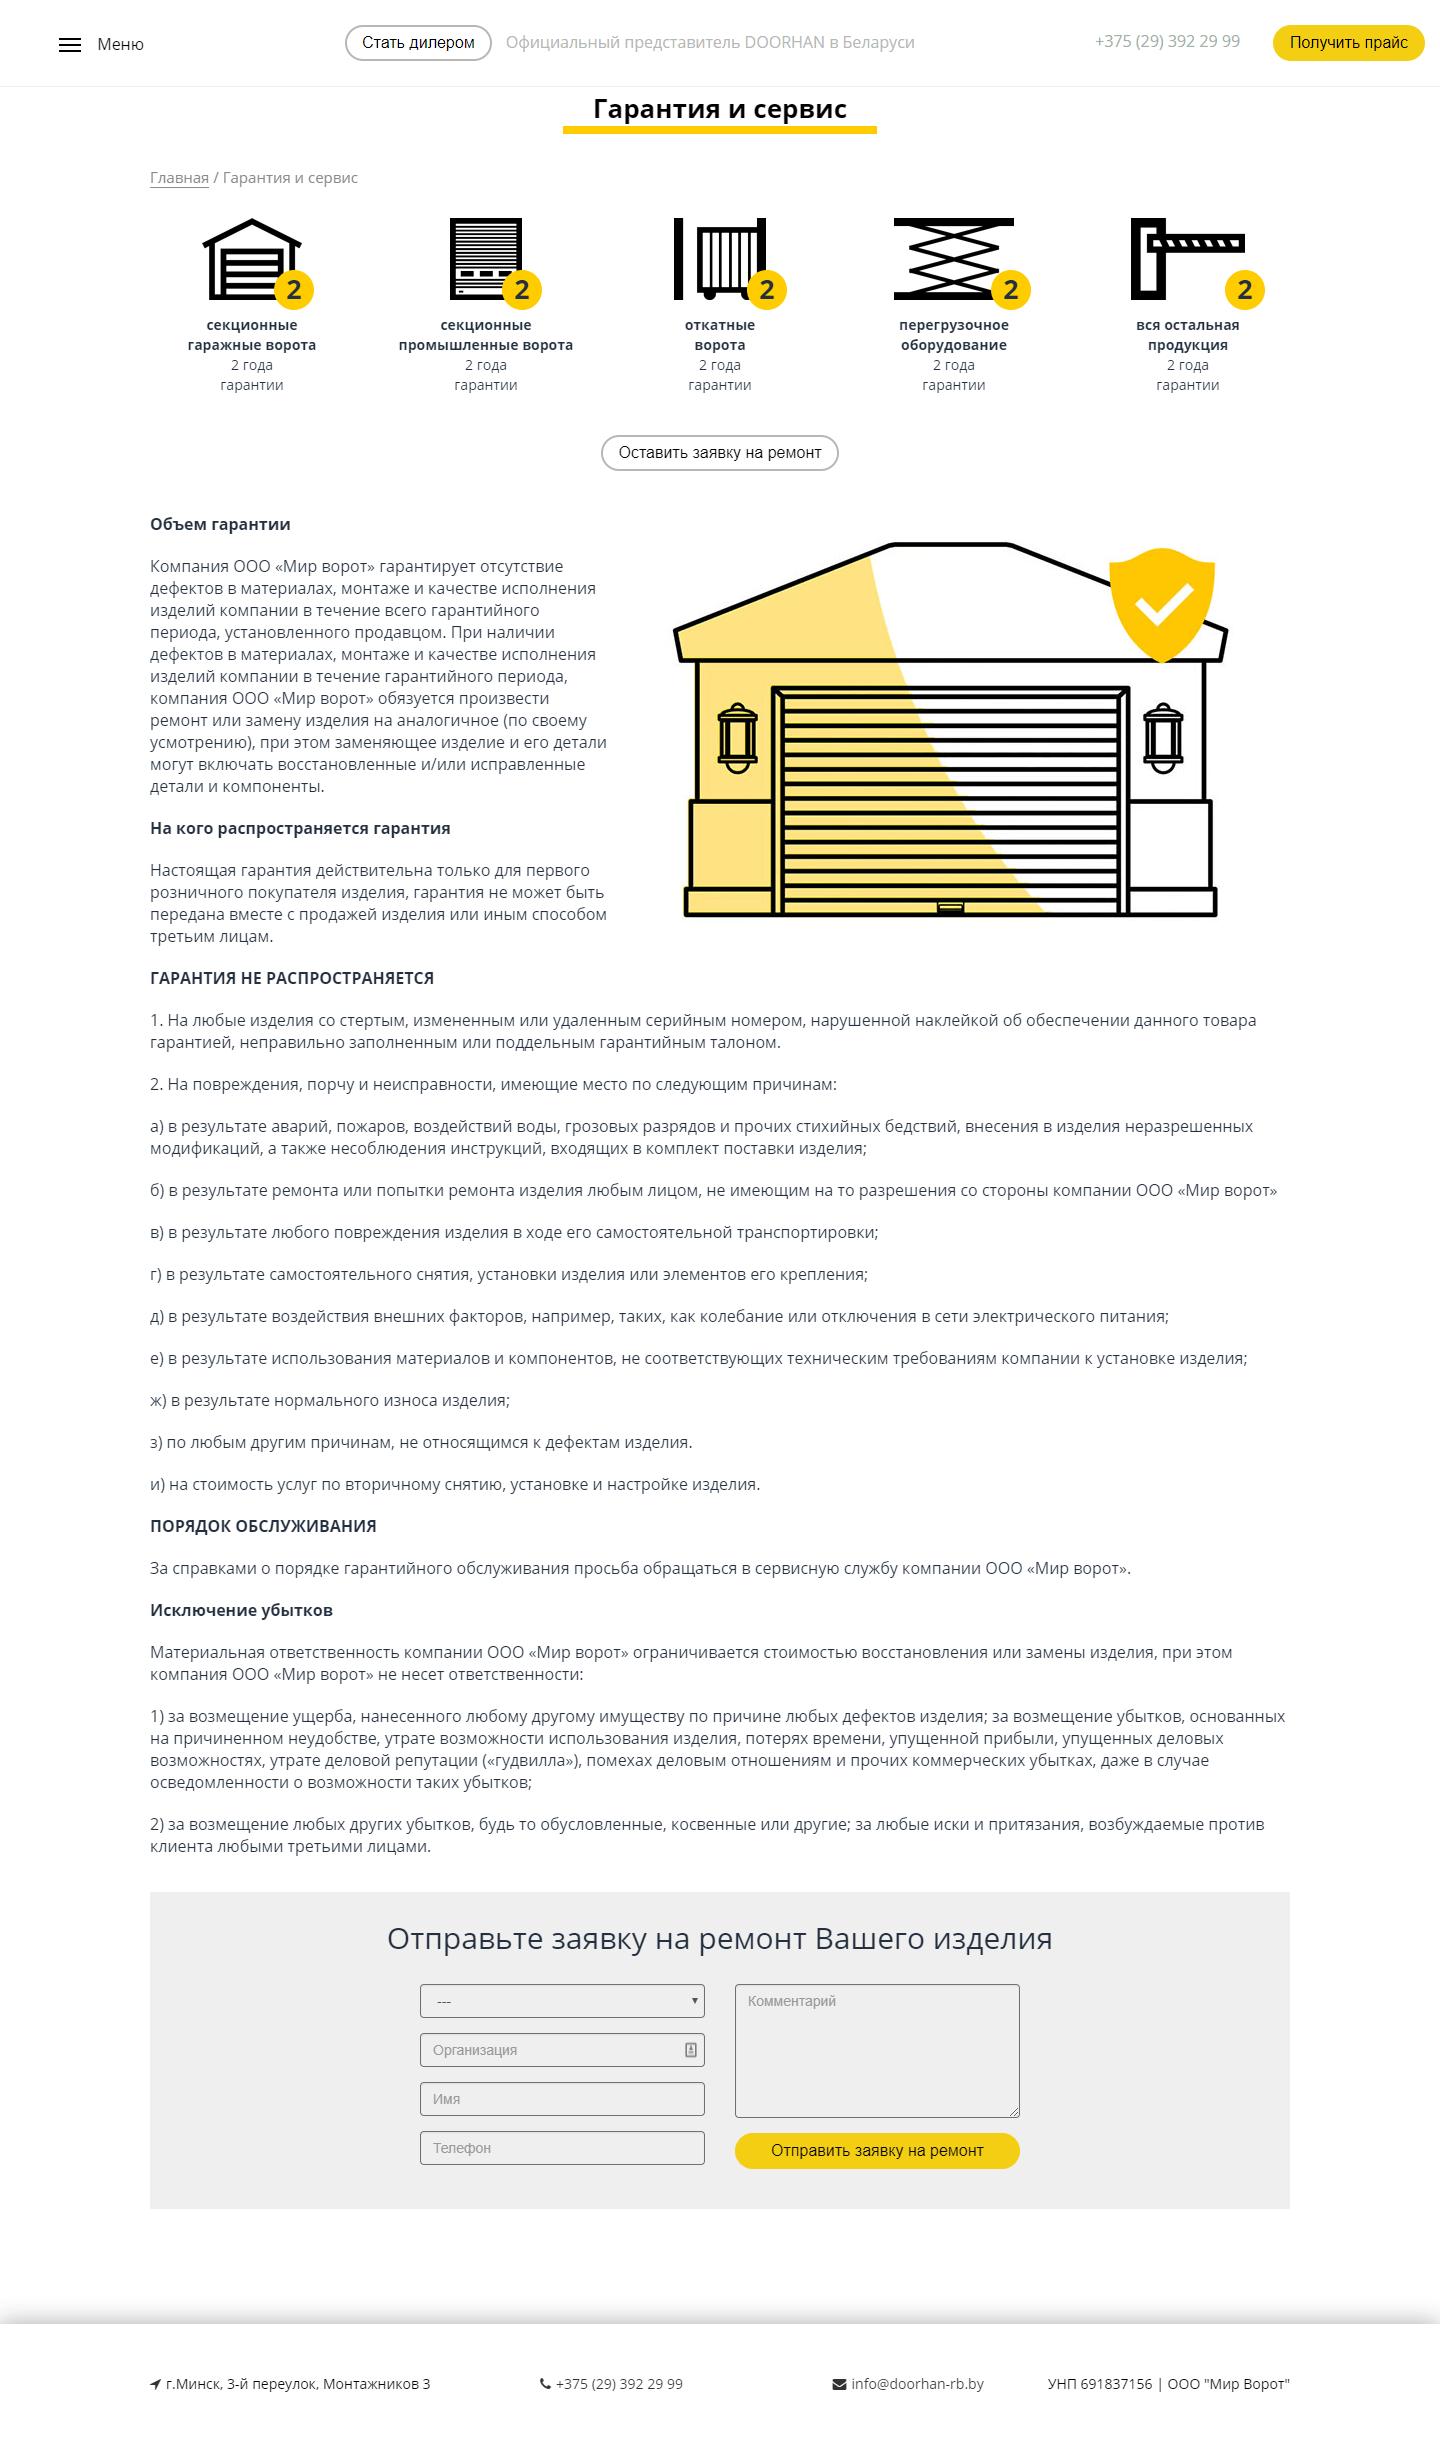 Гарантия и сервис